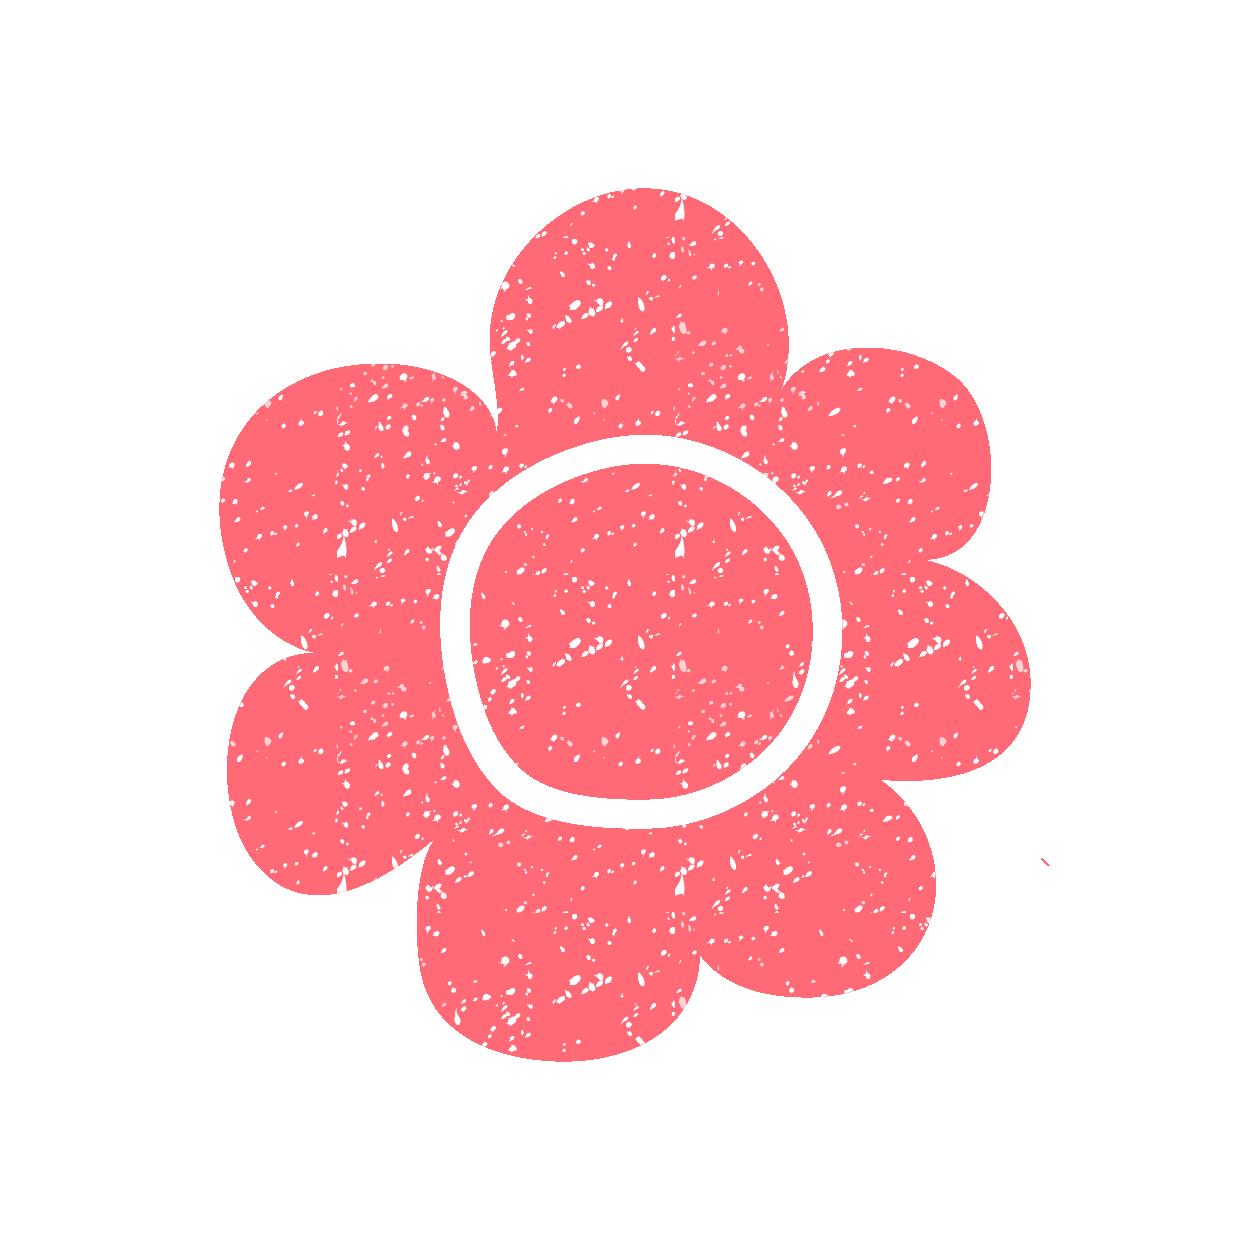 手書き風 花のワンポイントスタンプ イラスト | 商用フリー(無料)の